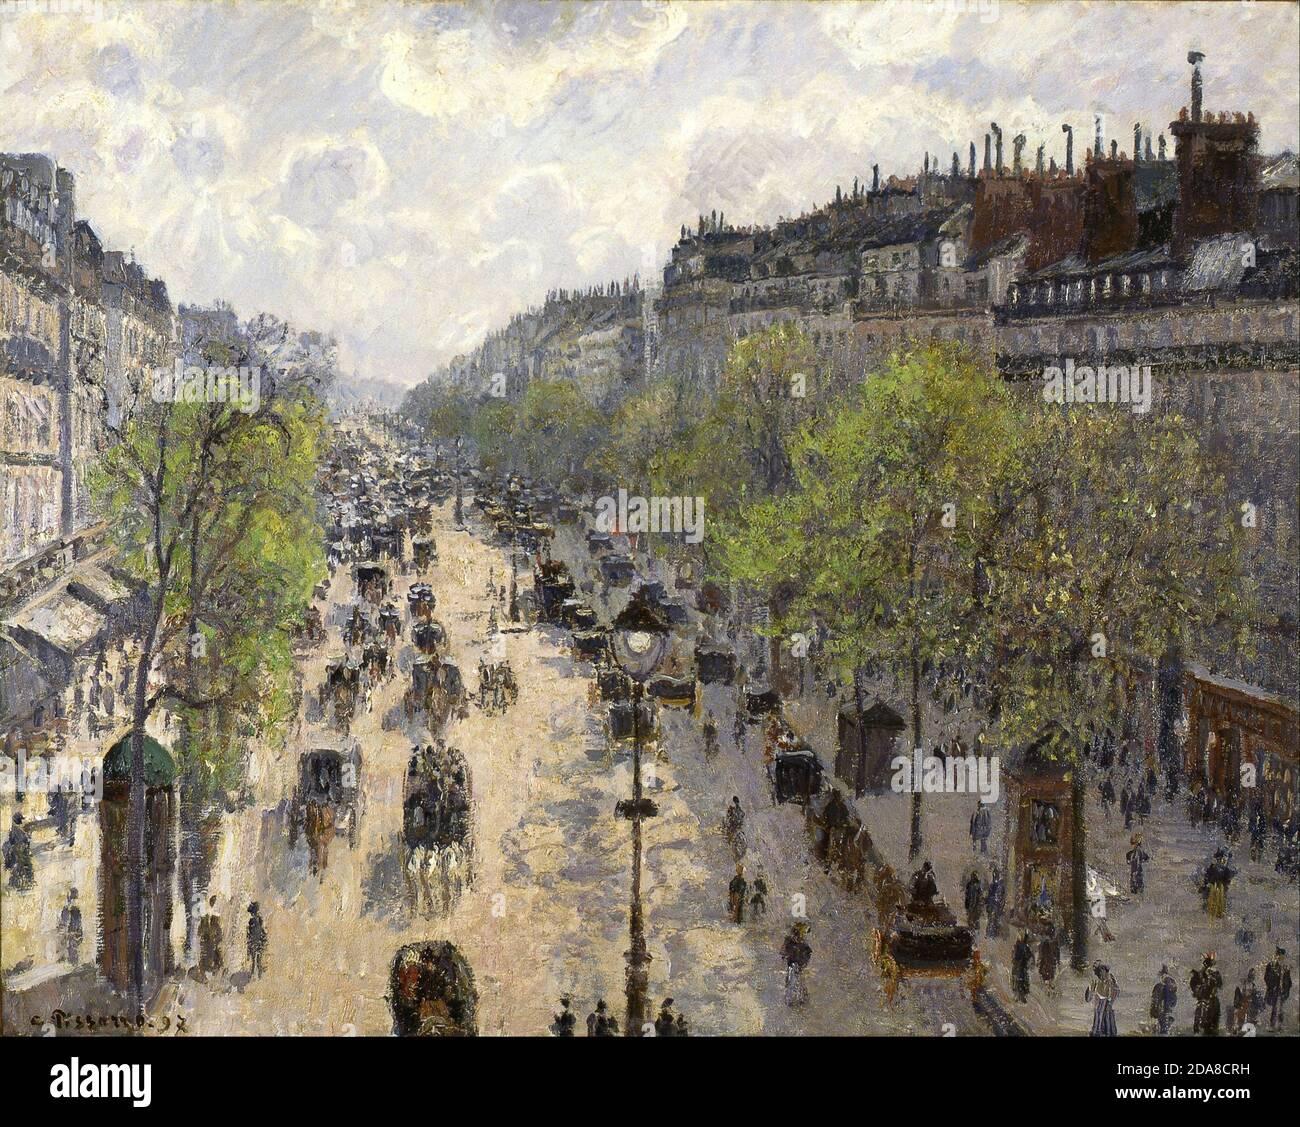 Le Boulevard de Montmartre, Matinée de Printemps, vue sur la rue depuis la fenêtre de l'hôtel, 1897 par Camille Pissarro Banque D'Images